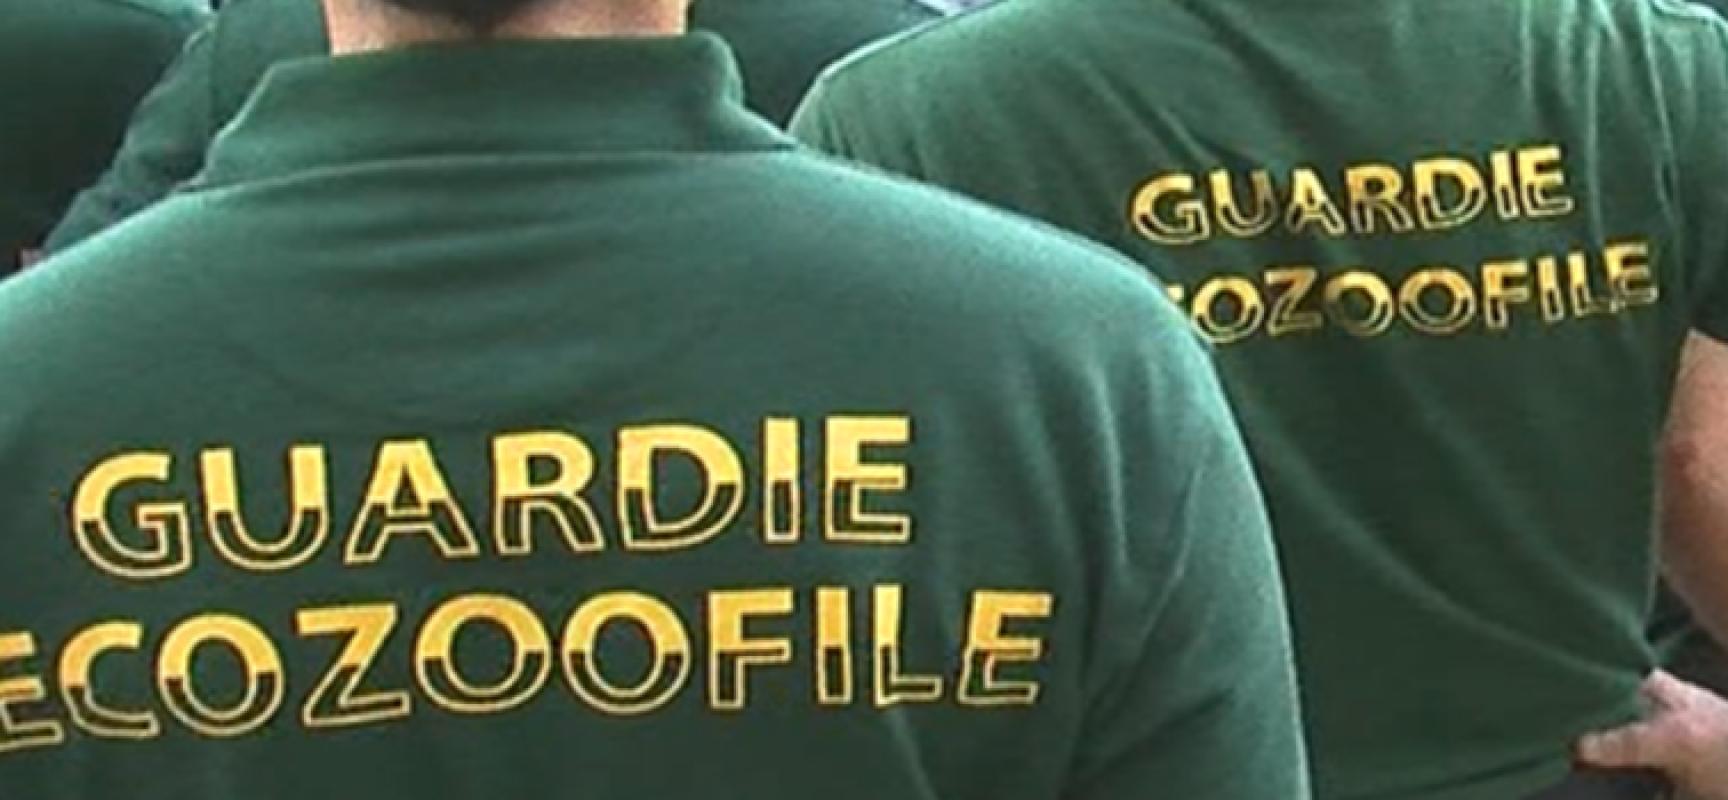 Stipulata convezione tra guardie eco-zoofile e comune di Bisceglie